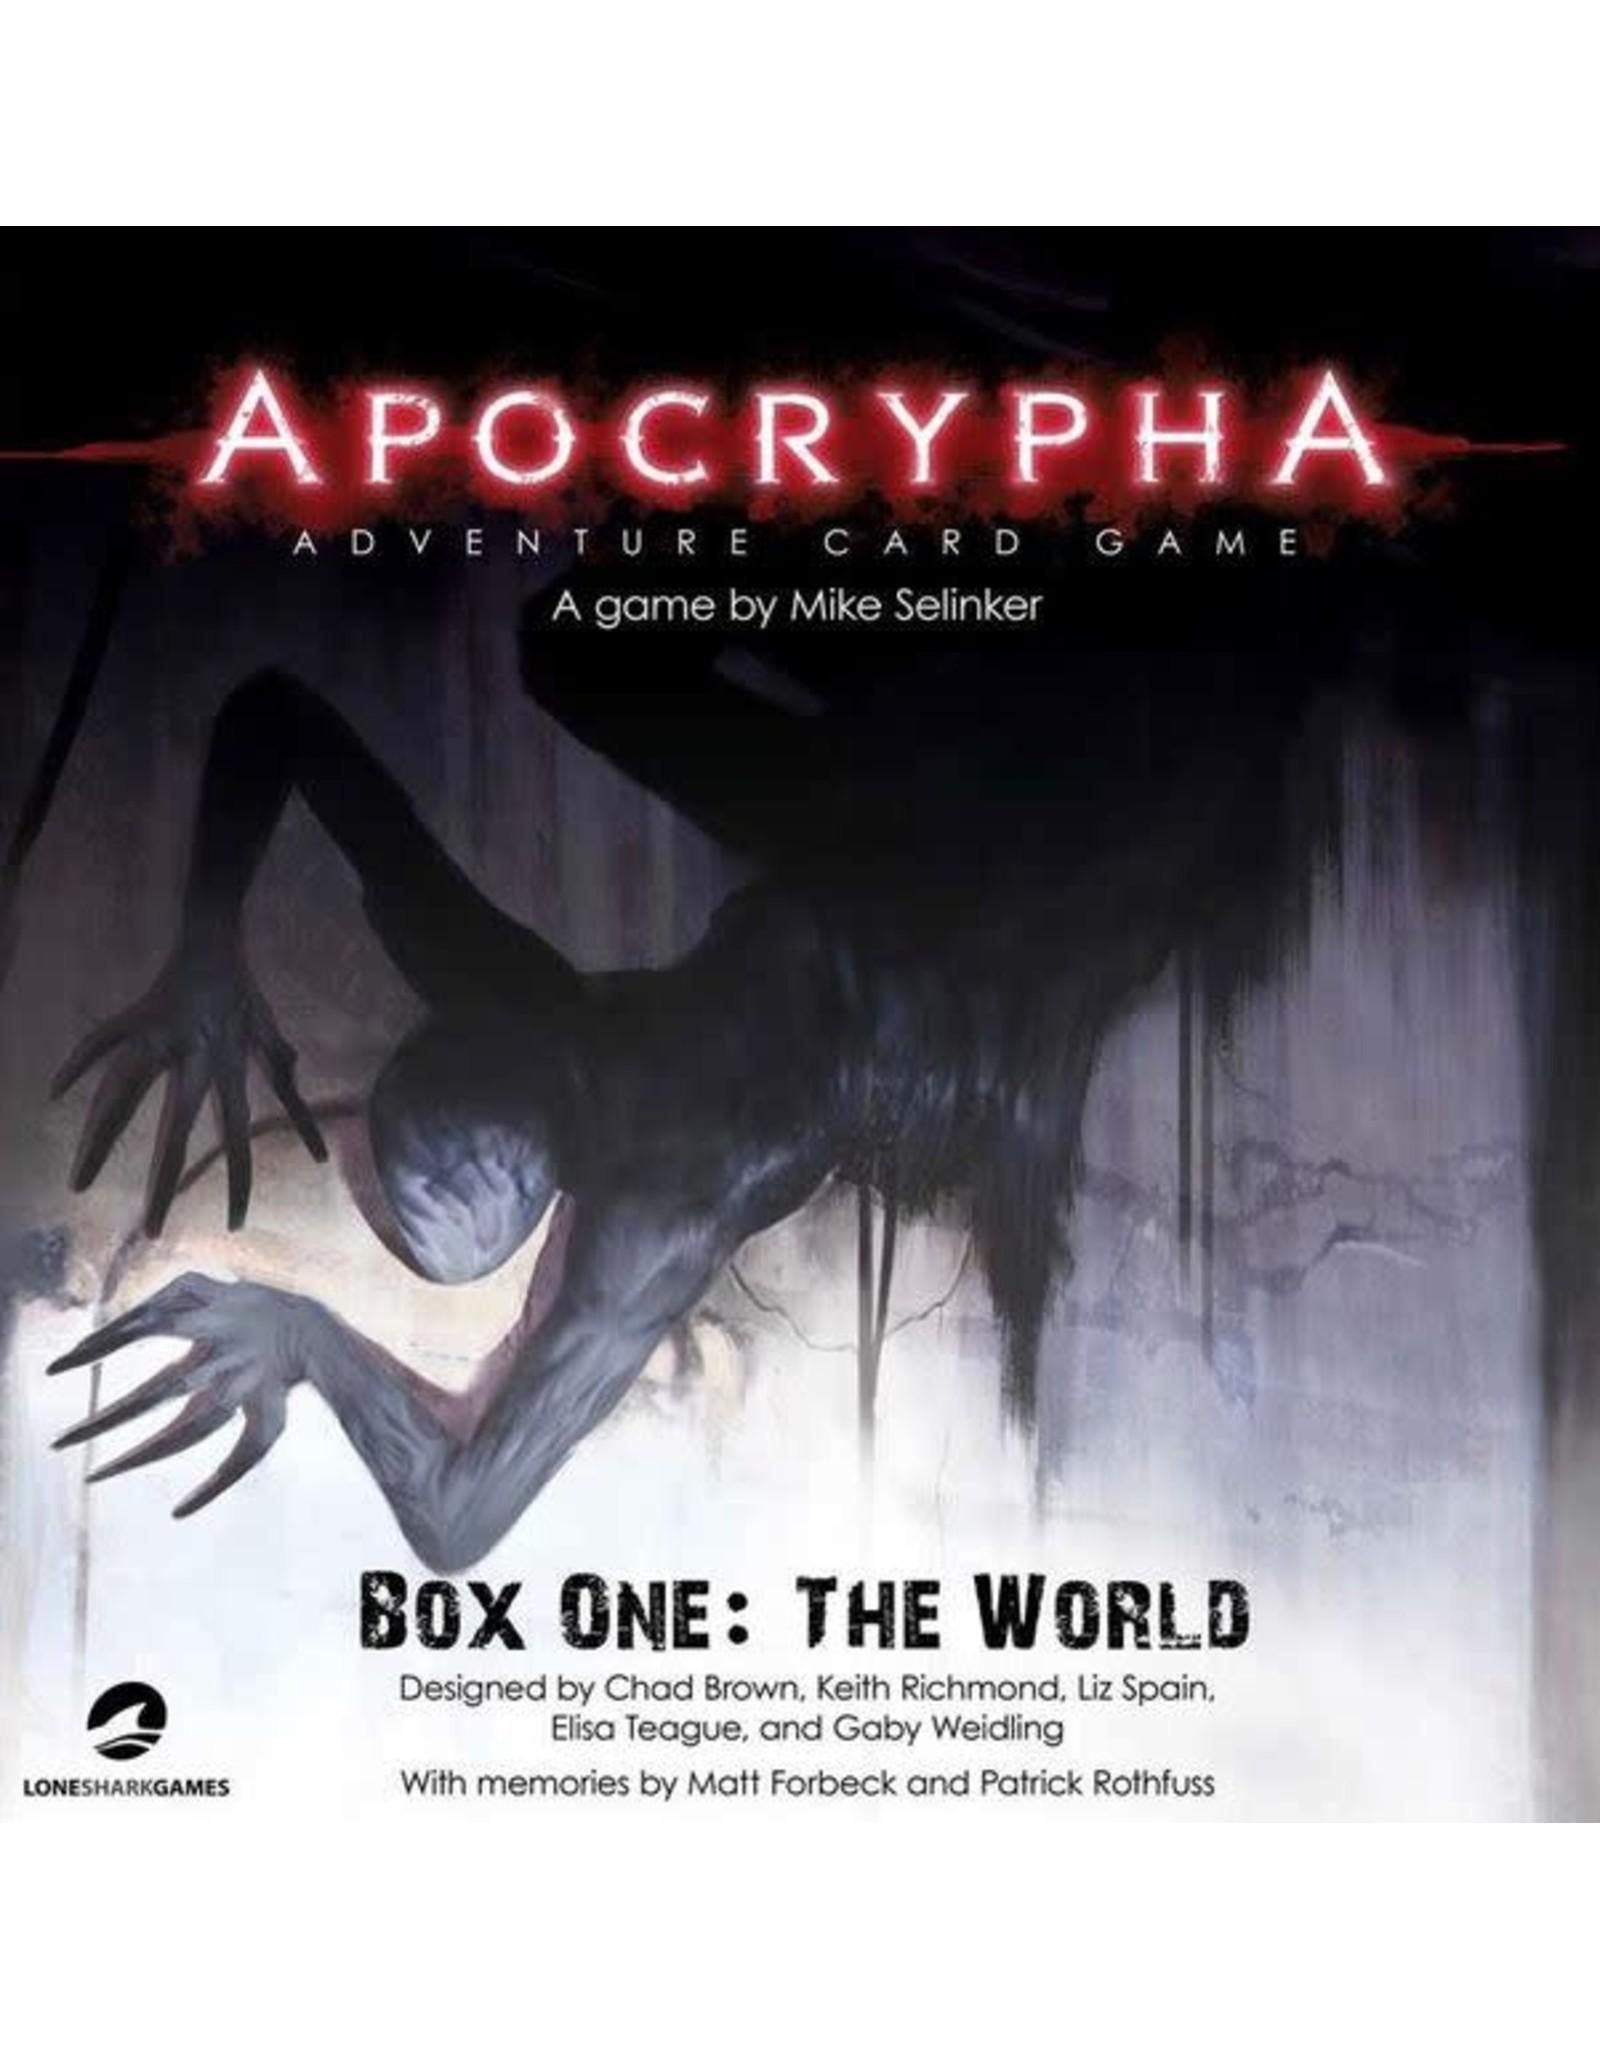 Apocrypha: The World